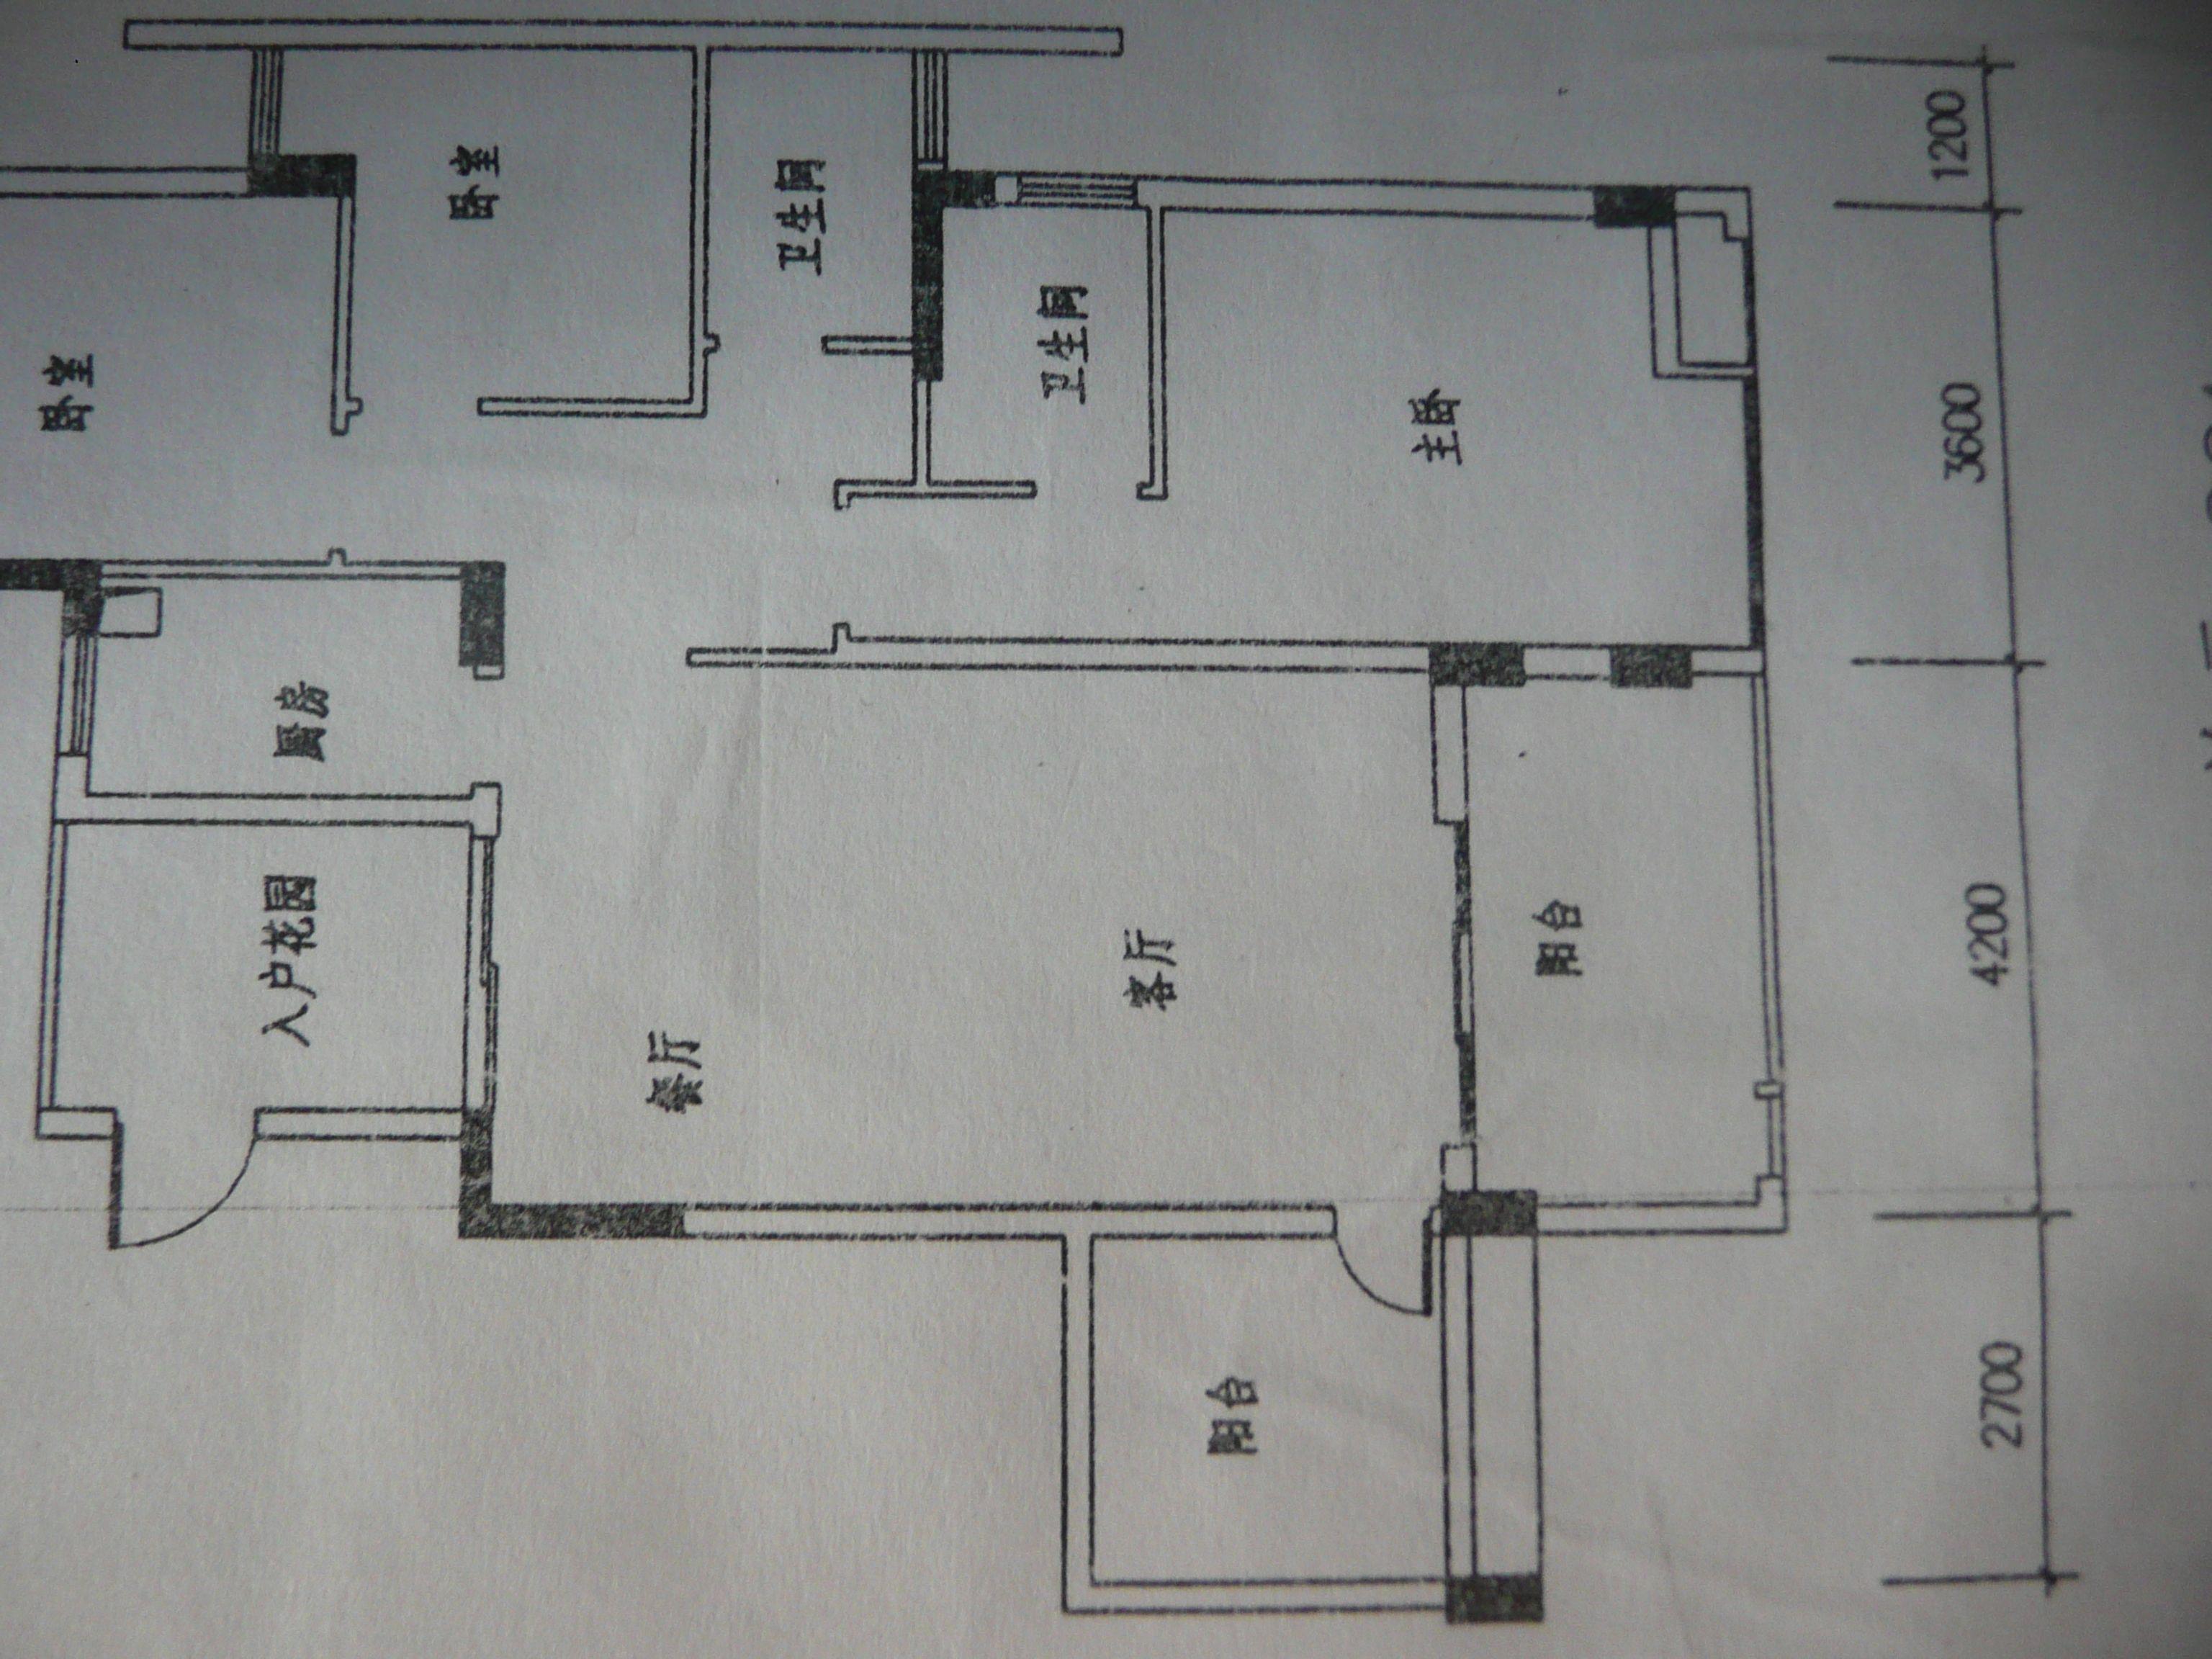 跪求一个住房面积96个平方 三房两厅 的住房设计图 (有图)